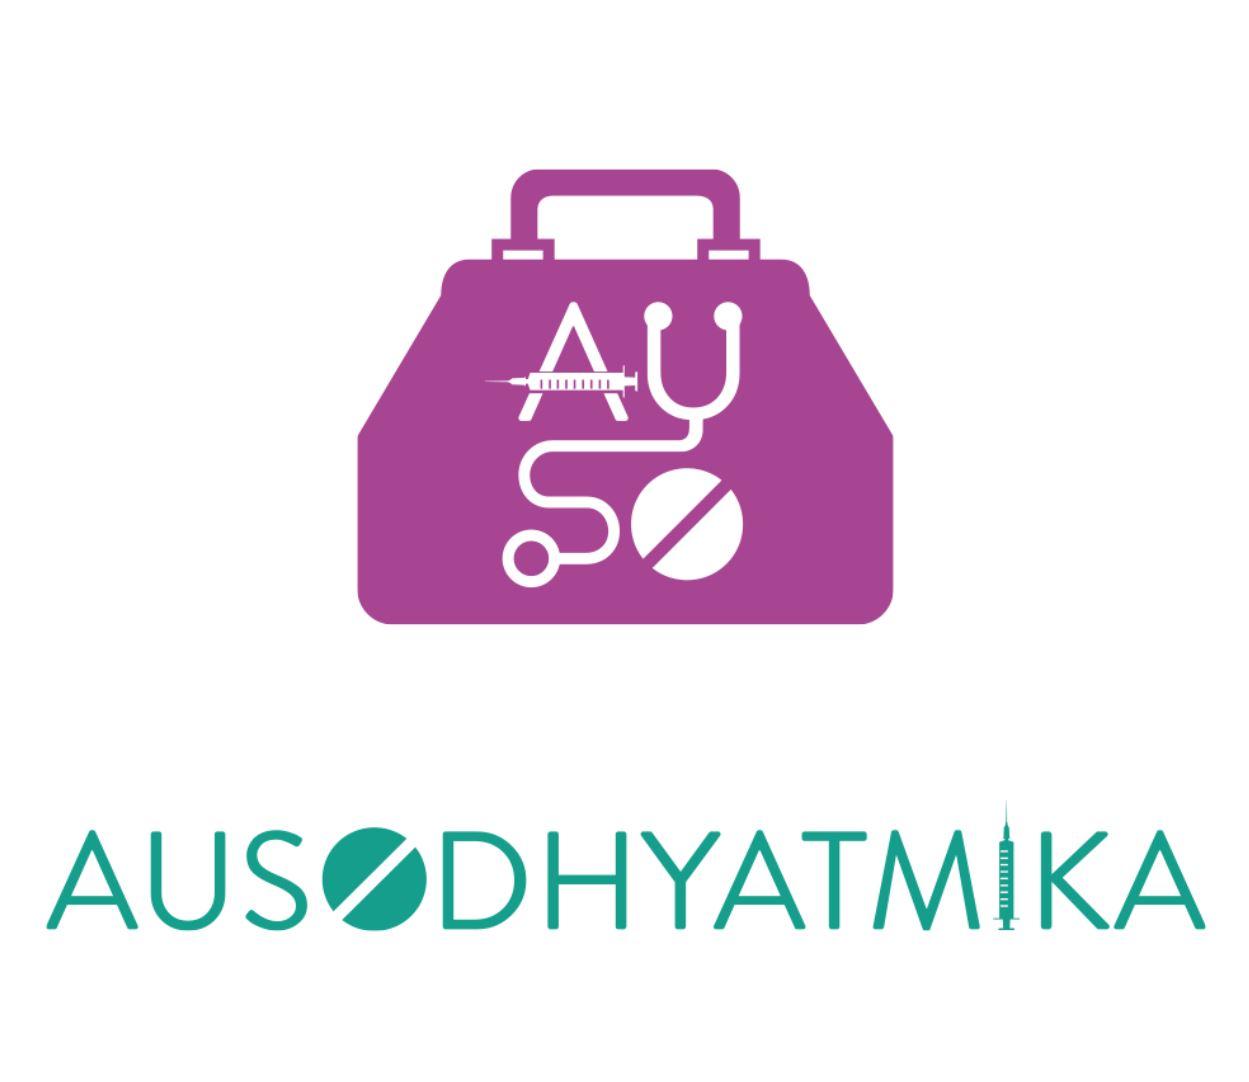 Ausodhyatmika-3